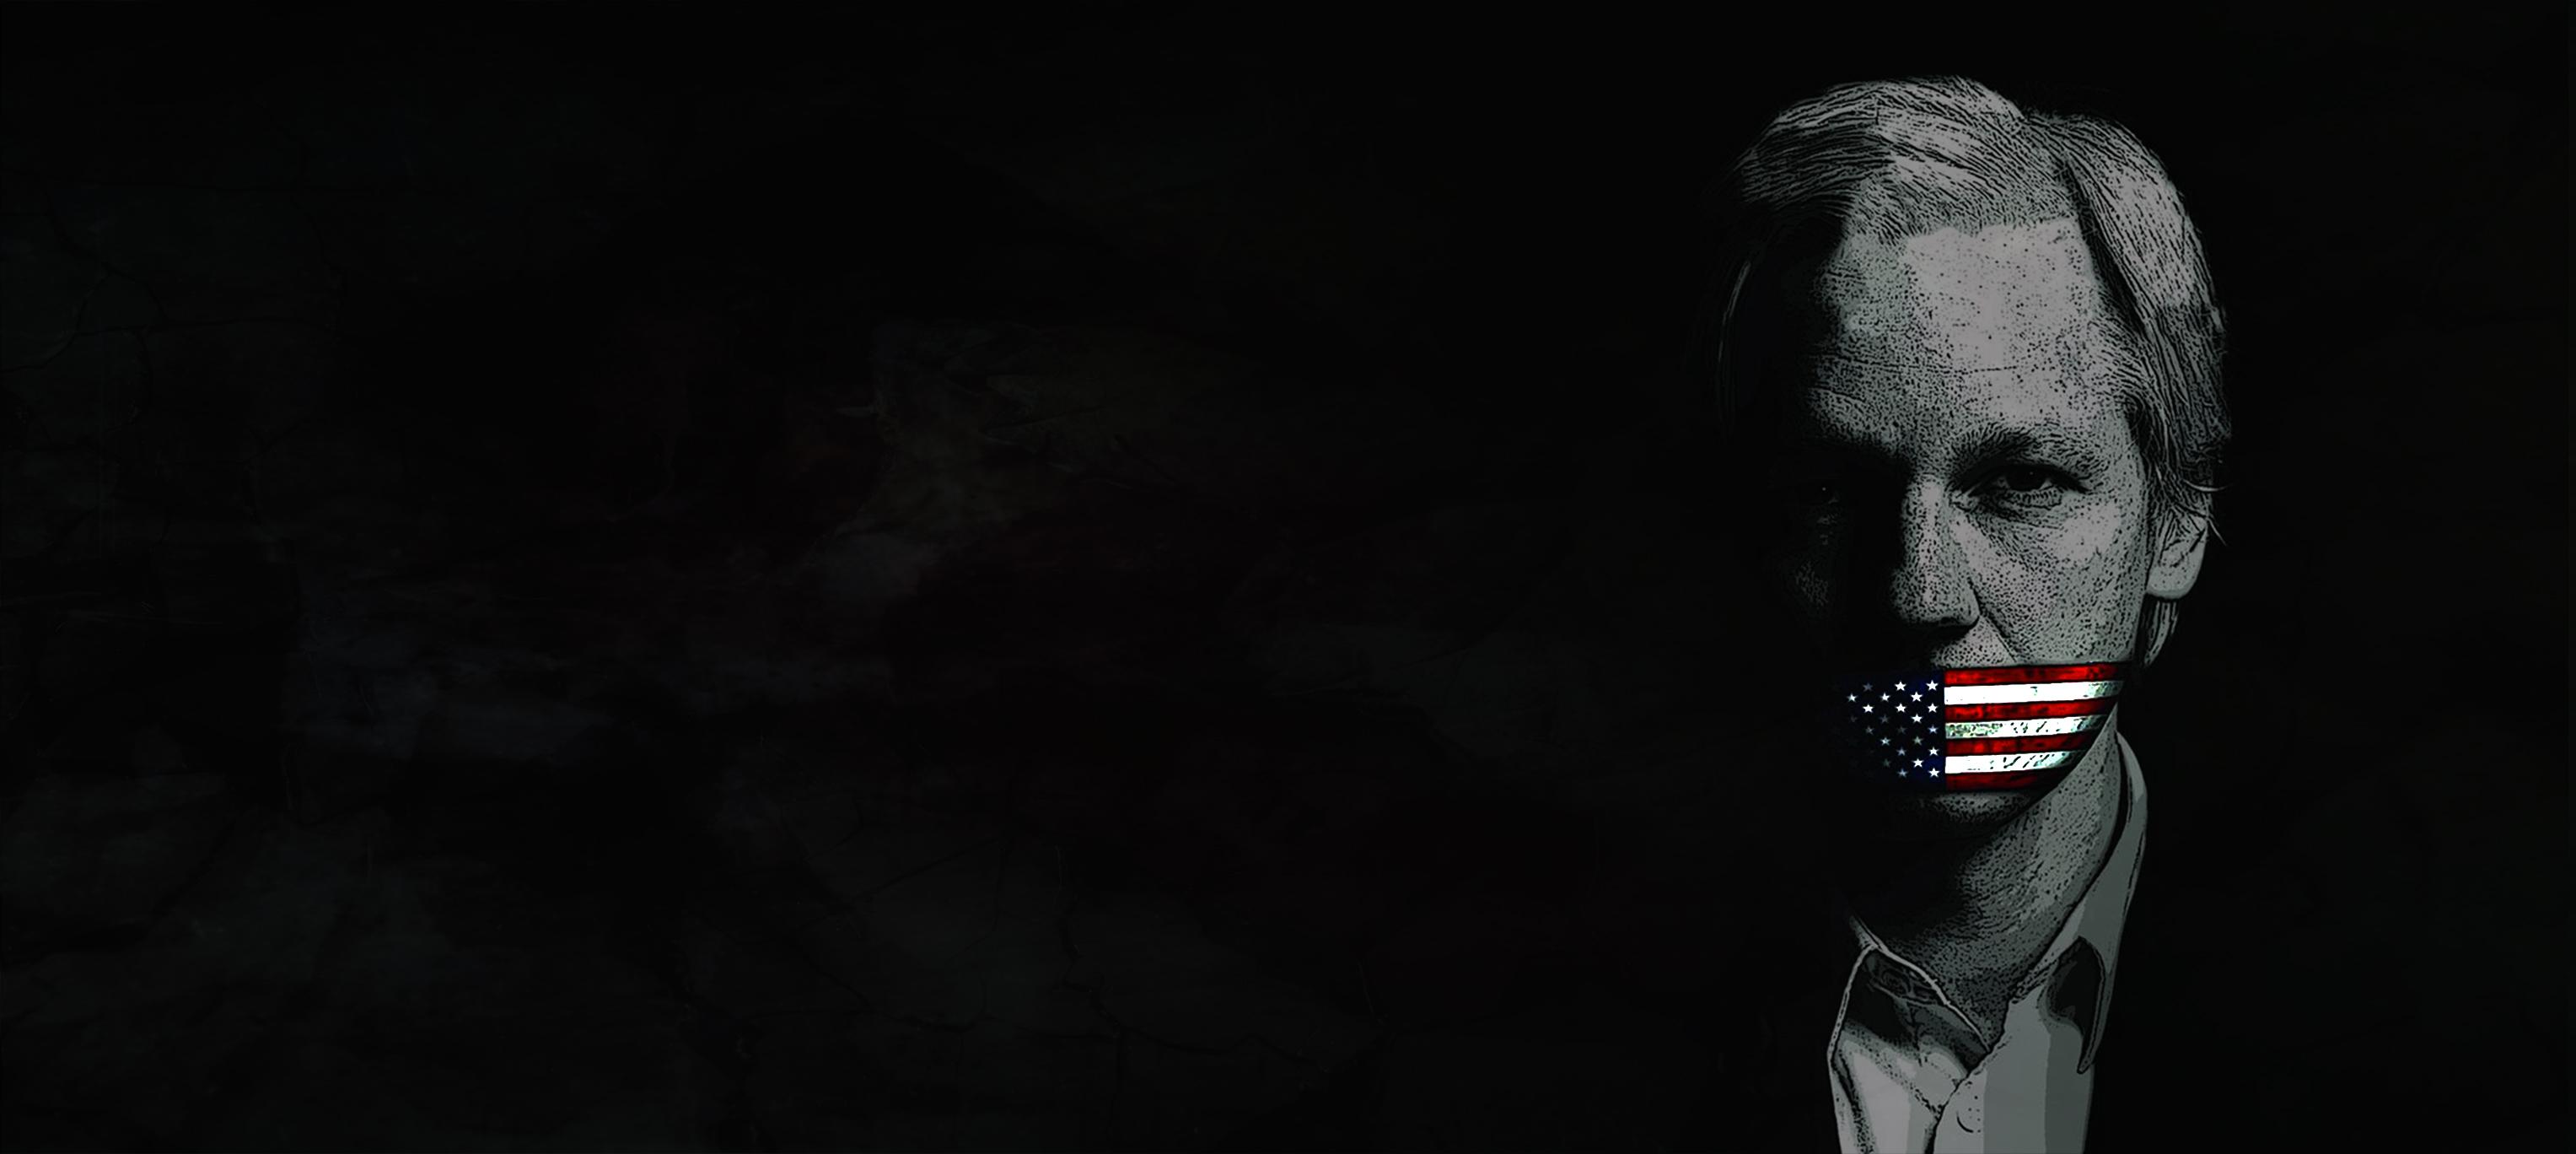 Auf der Jagd nach Julian Assange: Die unerzählte Geschichte <br>  <span id='sec-title'>Journalistenlegende John Pilger erzählt die Geschichte des WikiLeaks-Gründers</span>